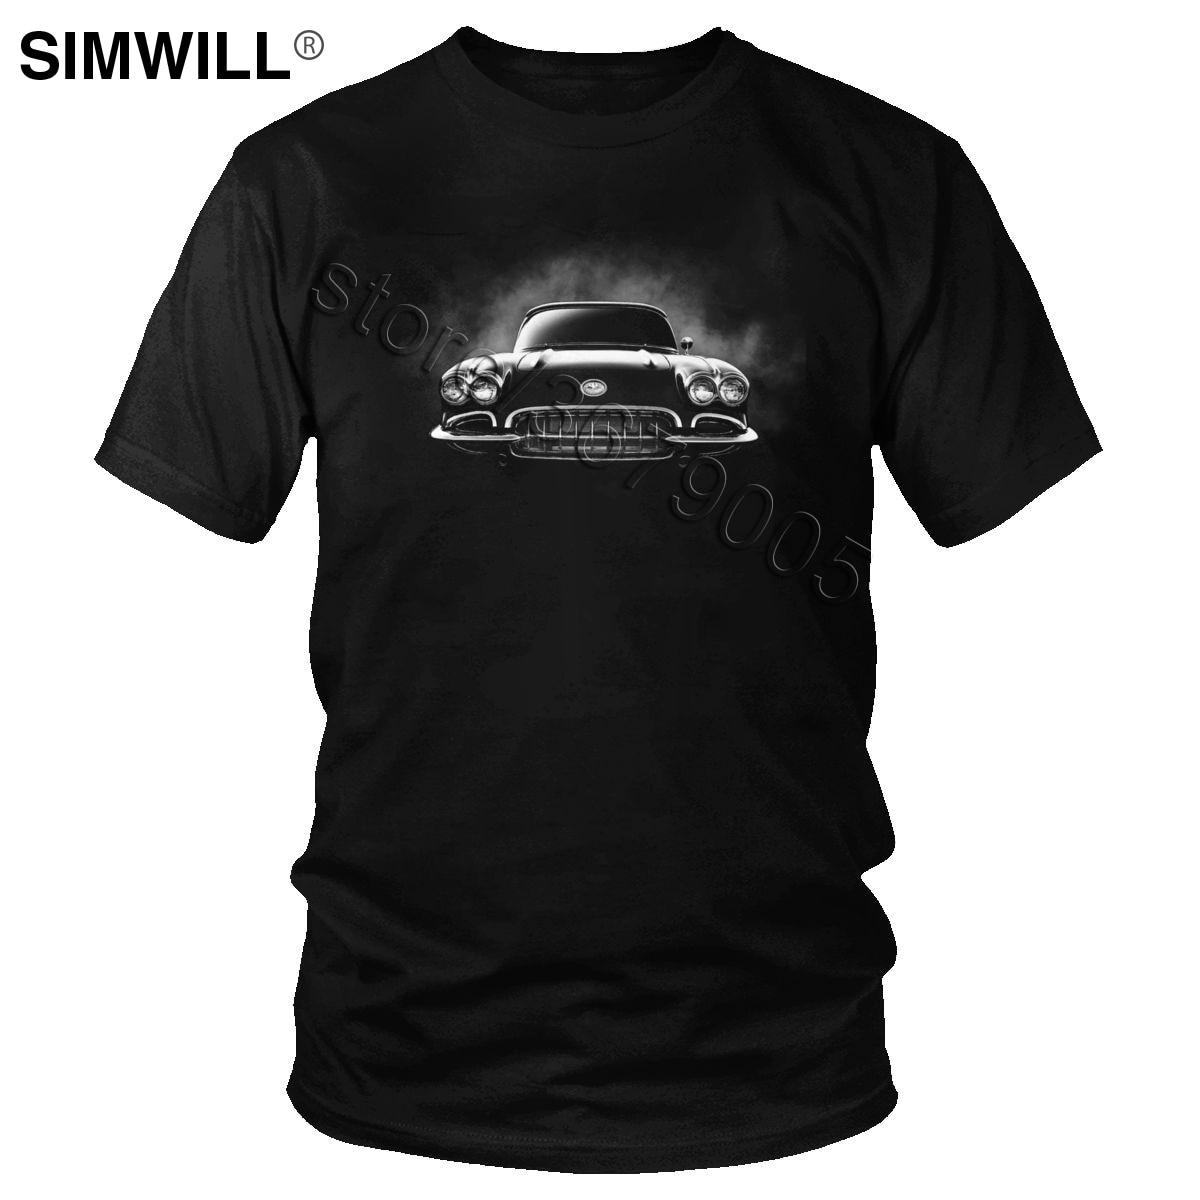 Camisetas clásicas de carreras para hombre, Camiseta de algodón con manga corta y velocidad, camiseta con gráfico de marca de lujo para hombre, Camiseta ajustada de verano